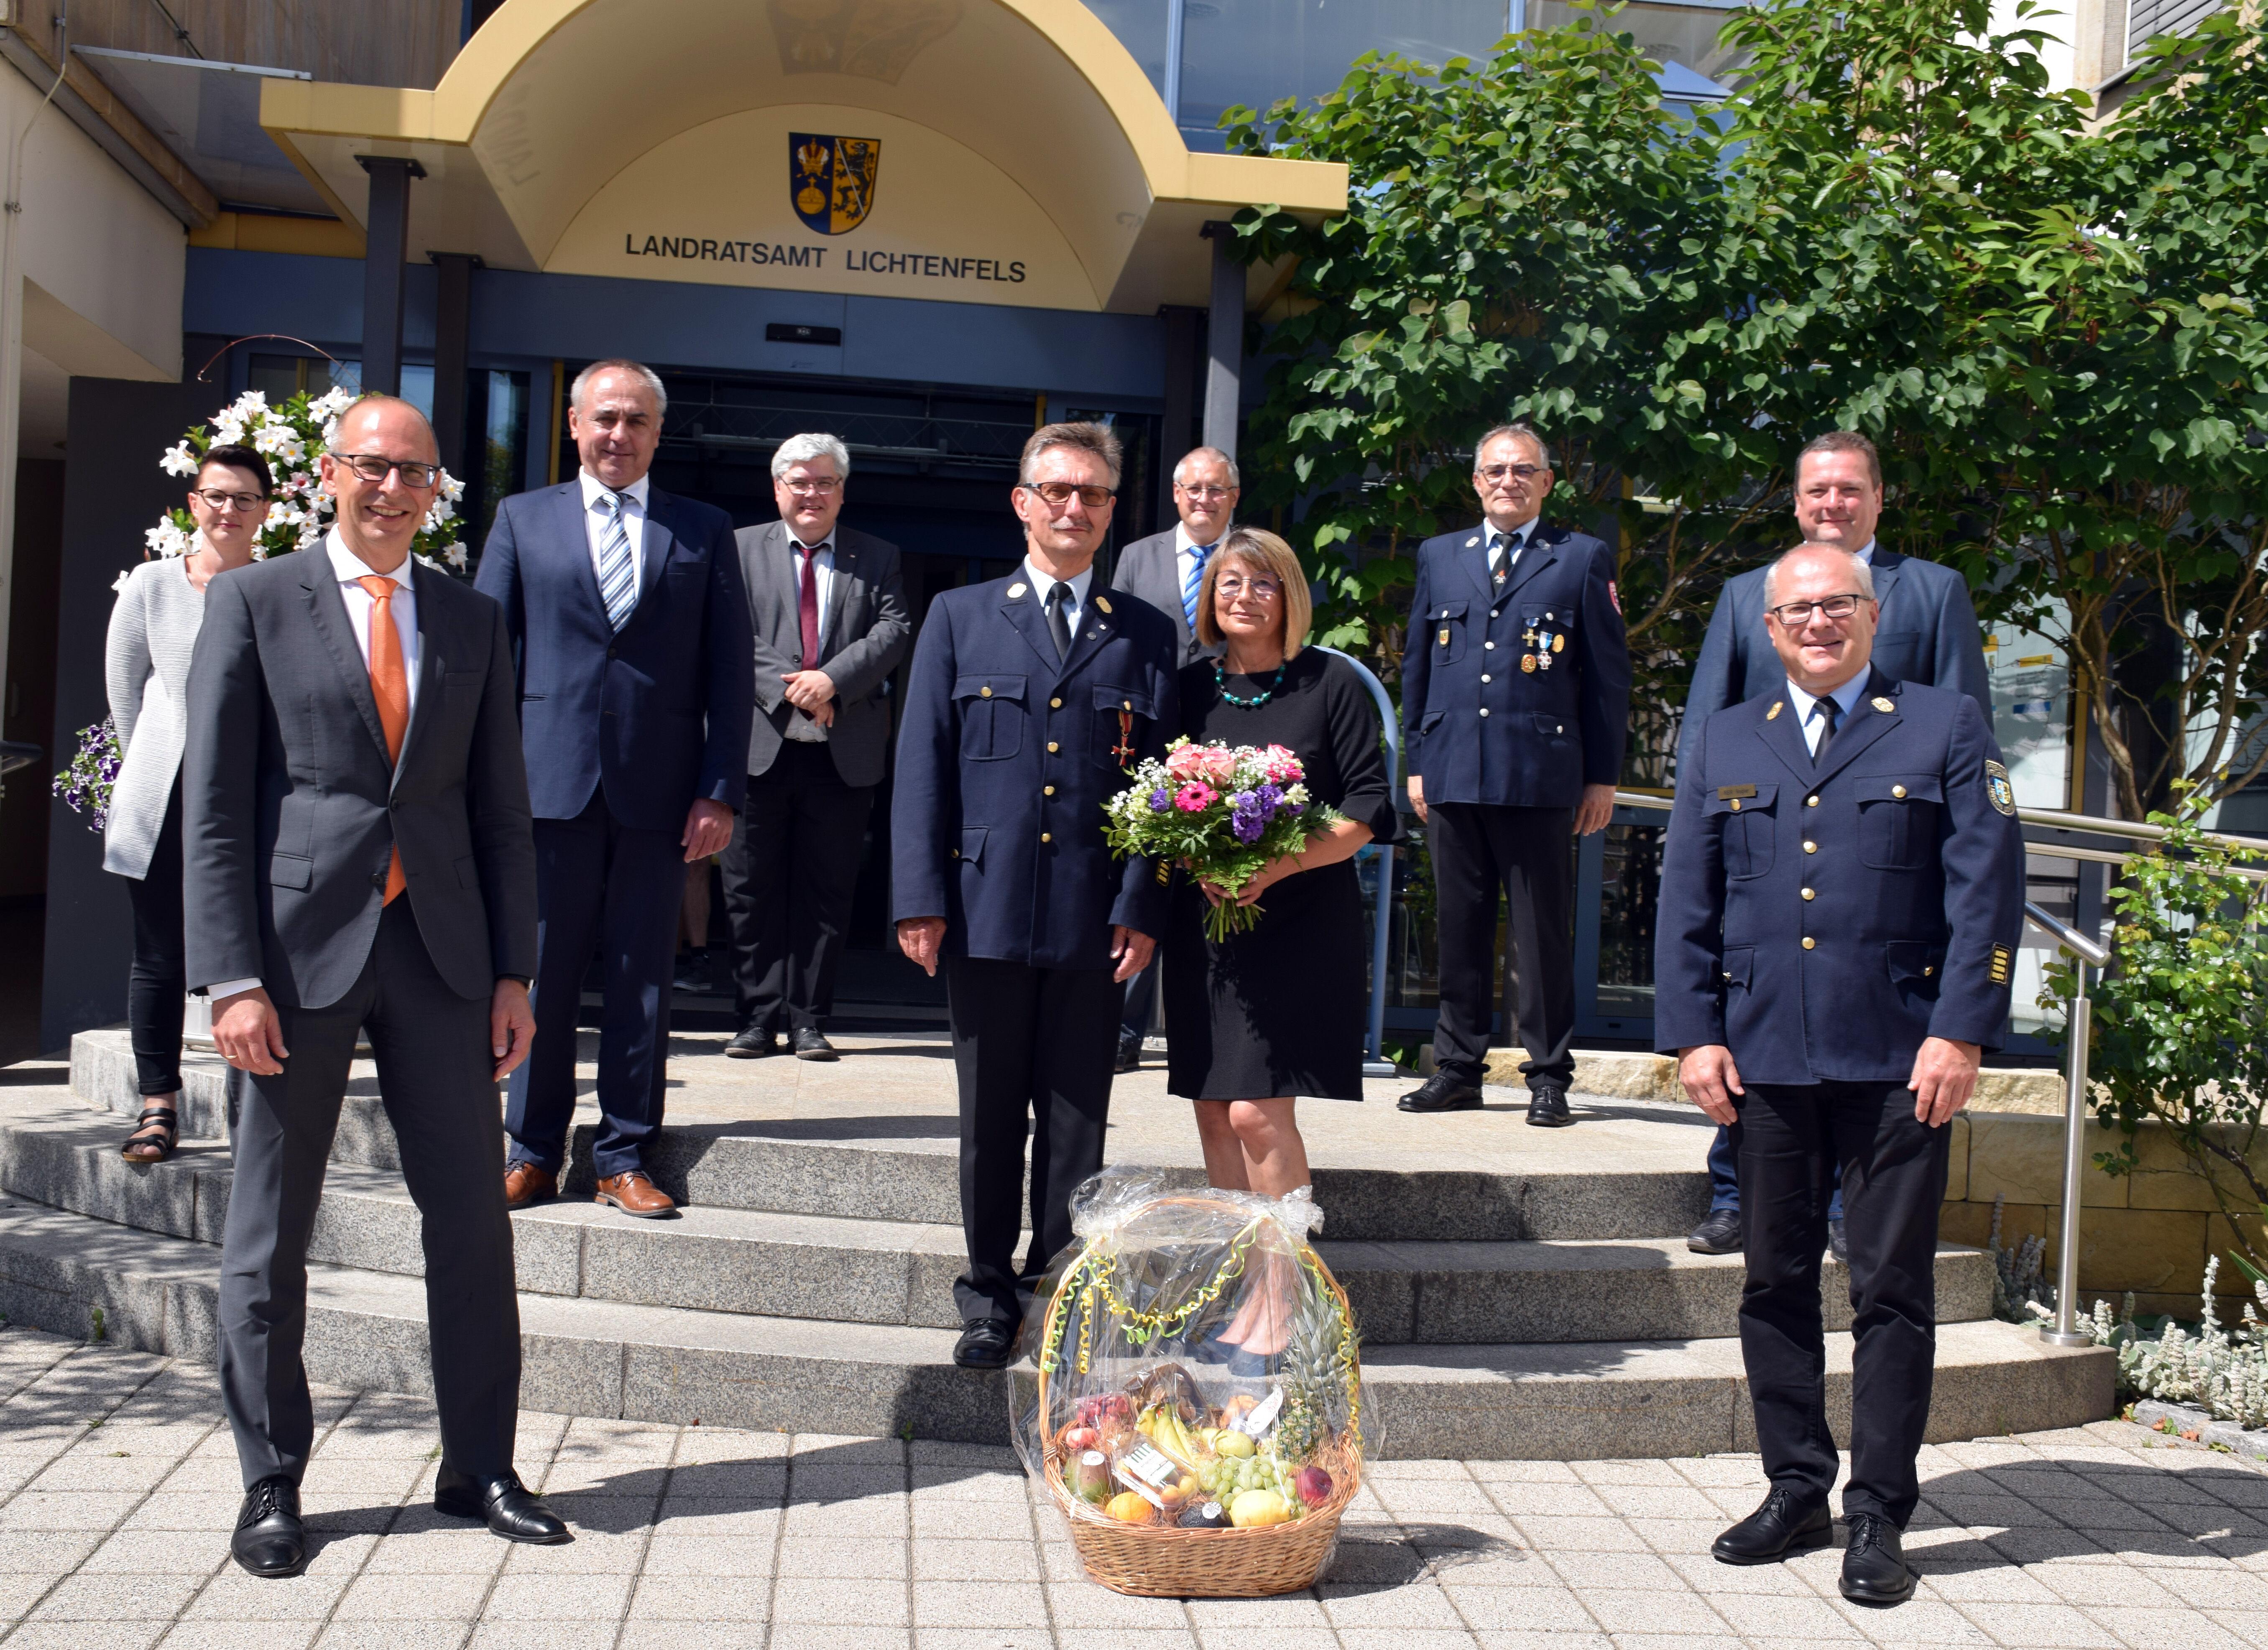 Mit dem Verdienstkreuz am Bande des Verdienstordens der Bundesrepublik Deutschland wurde Ottmar Jahn aus Altenkunstadt (Mitte, mit Gattin) ausgezeichn